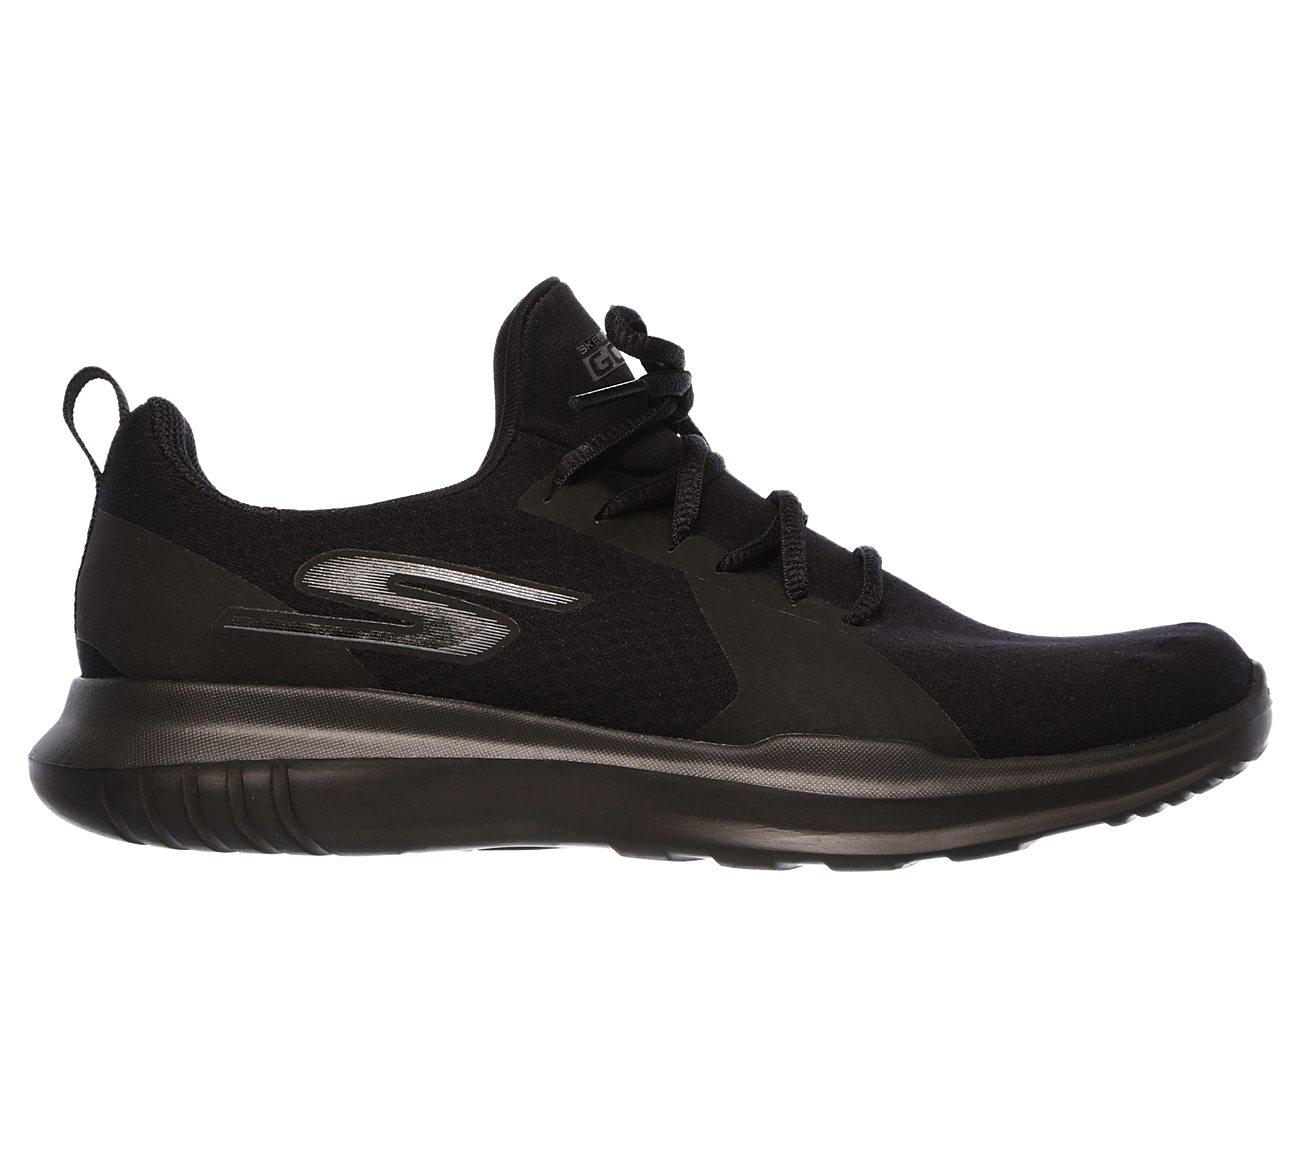 Buy Skechers Skechers Gorun Mojo Skechers Performance Shoes